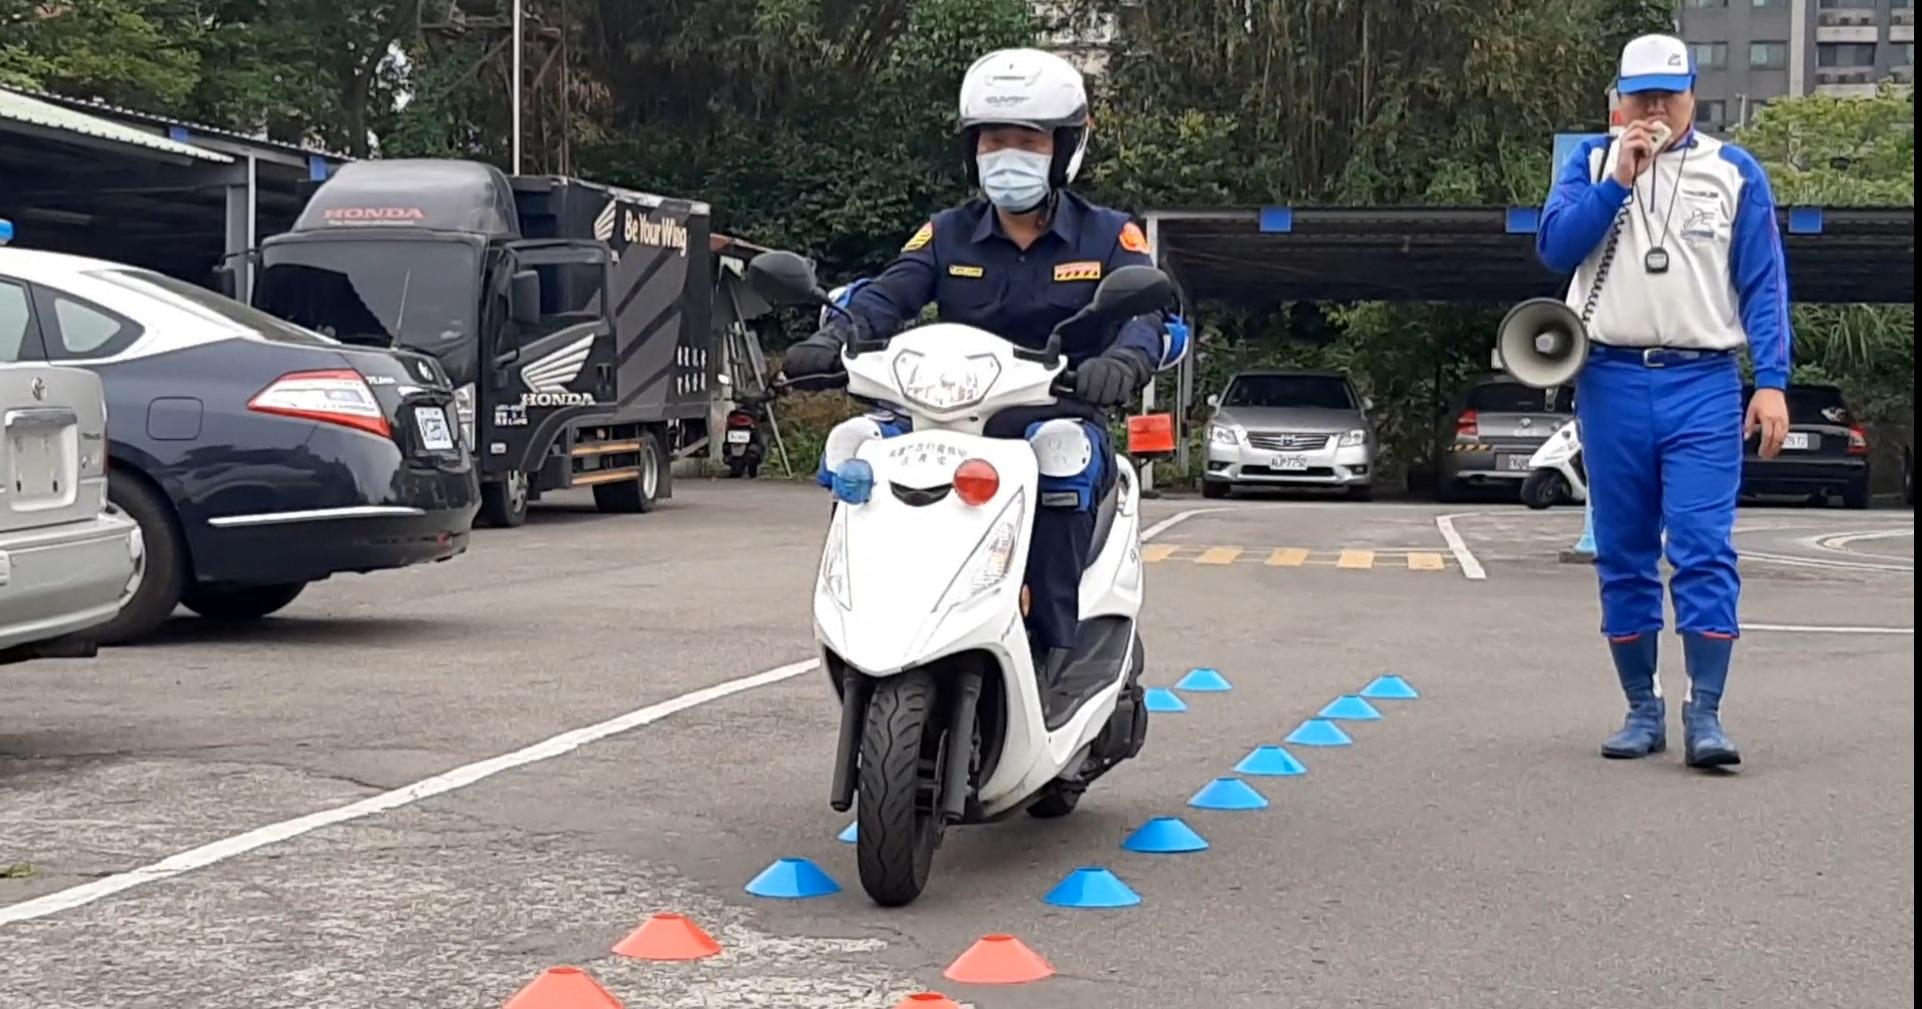 桃交警機車安駕訓 確保人員裝備執勤安全